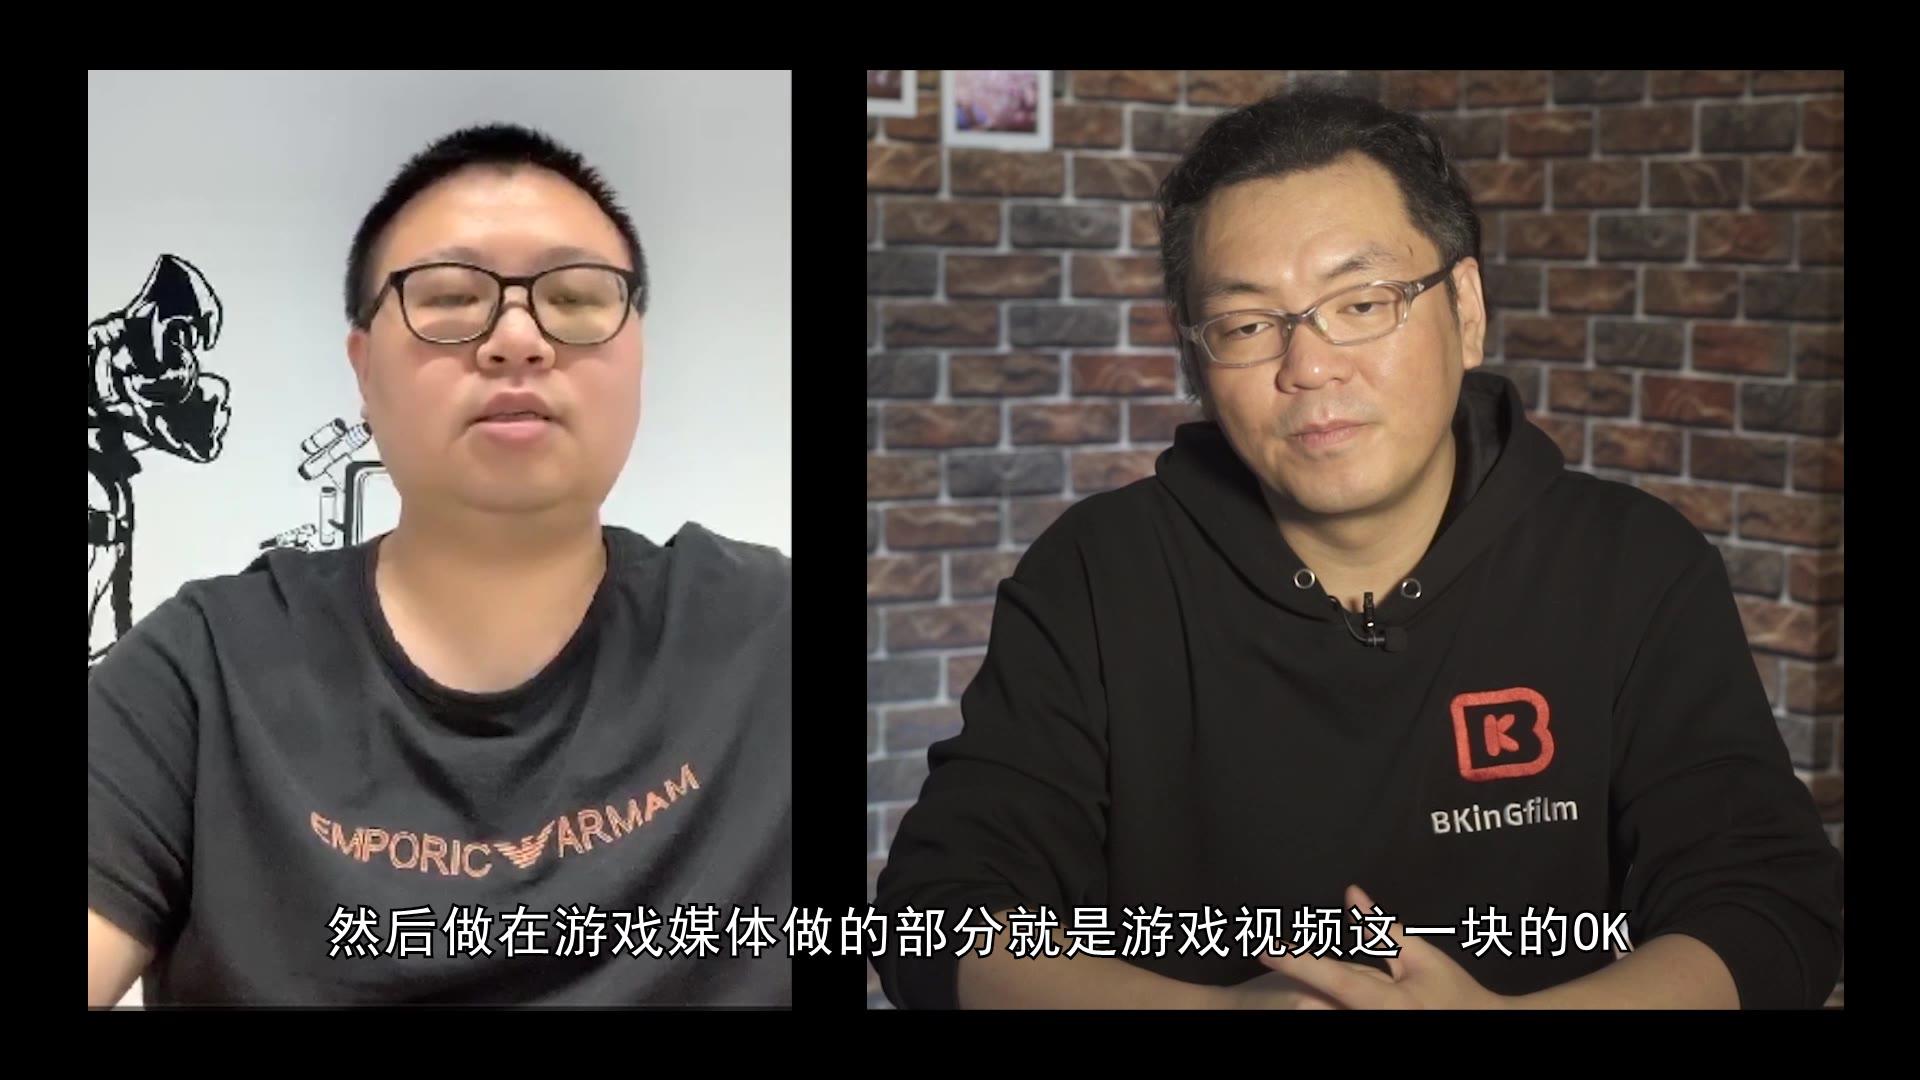 【哔说53】聚印象 视频后期为什么这么NB?创始人尴尬回答